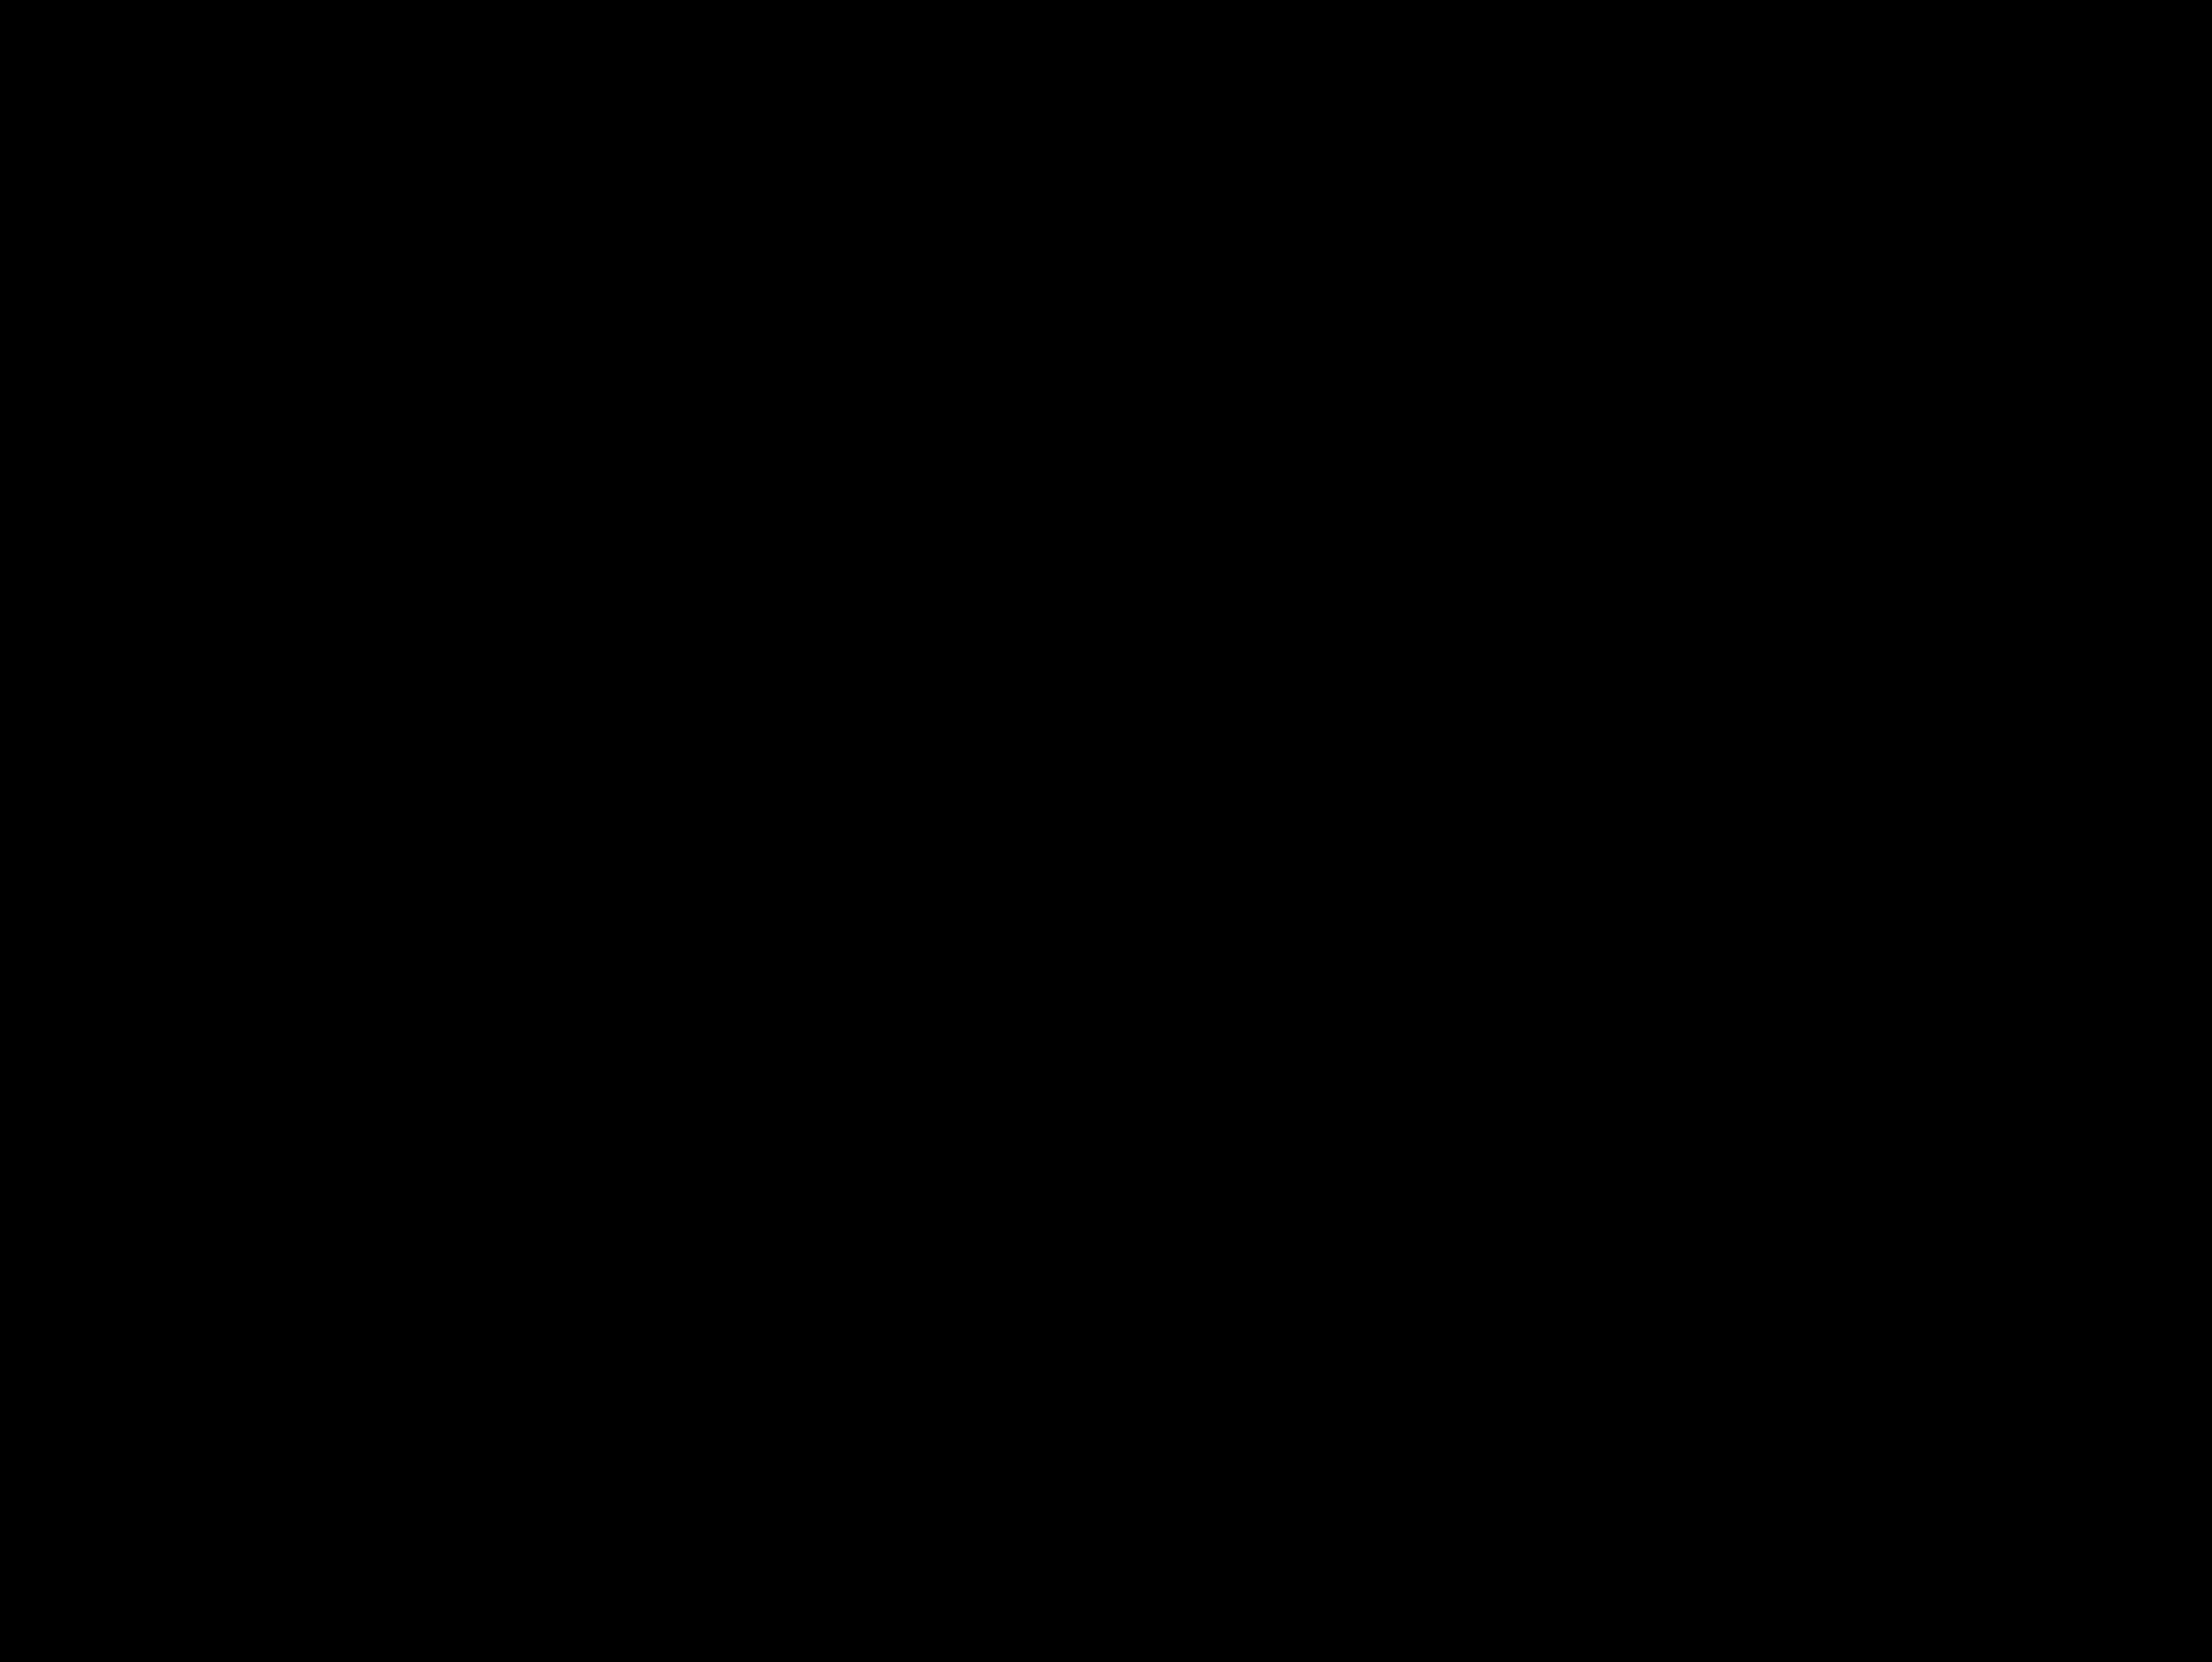 Wallpaper heidi vanessa model brunette ultra hi best quality